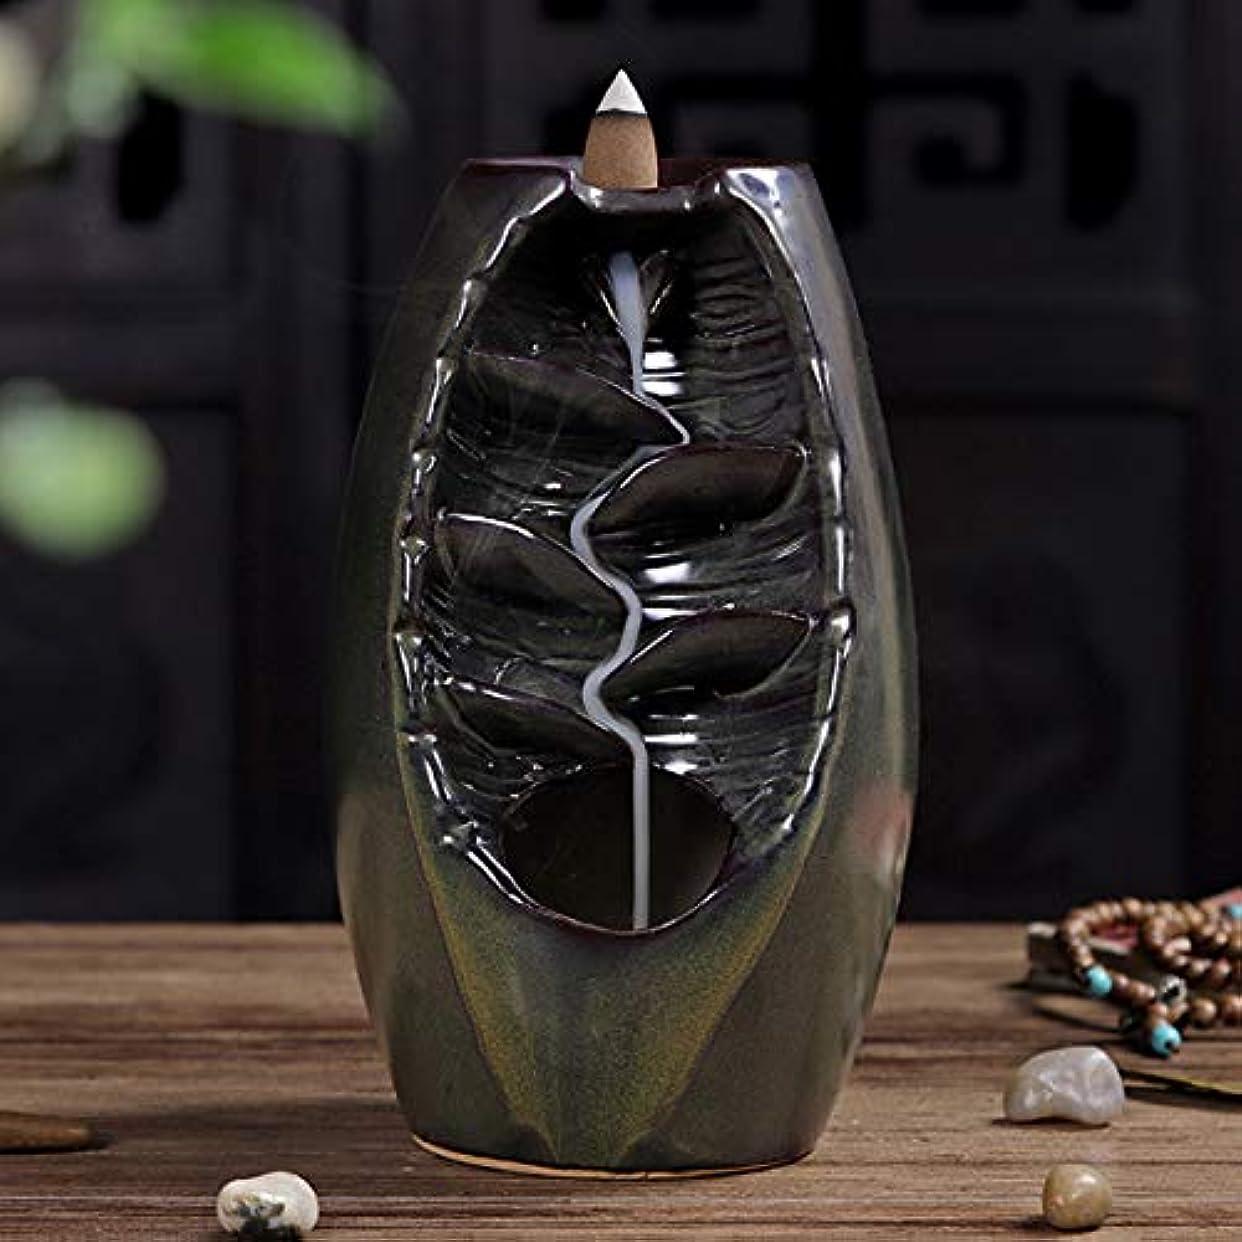 ケーブル使役支出Vosarea 逆流香バーナー滝香ホルダーアロマ飾り仏教用品(茶)